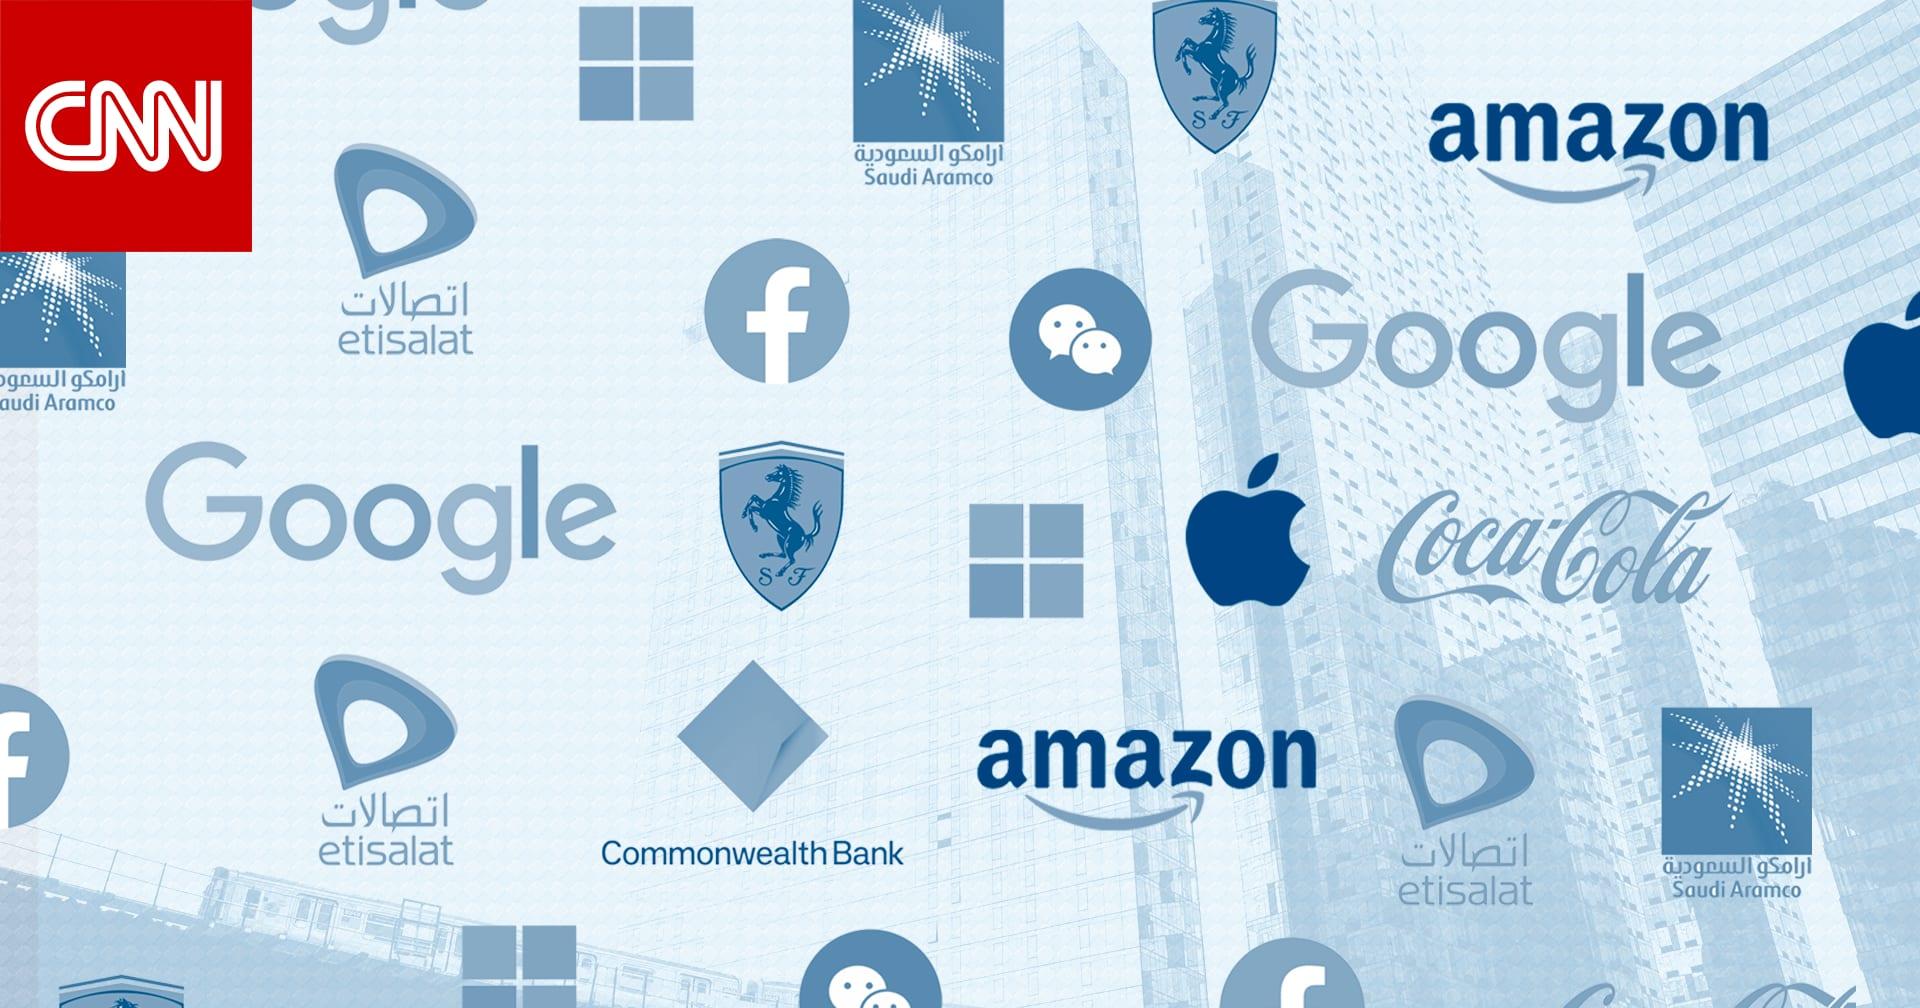 """""""أرامكو السعودية"""" و""""اتصالات الإماراتية"""" تتصدران الشرق الأوسط.. إليكم العلامات التجارية الأعلى قيمة في العالم"""